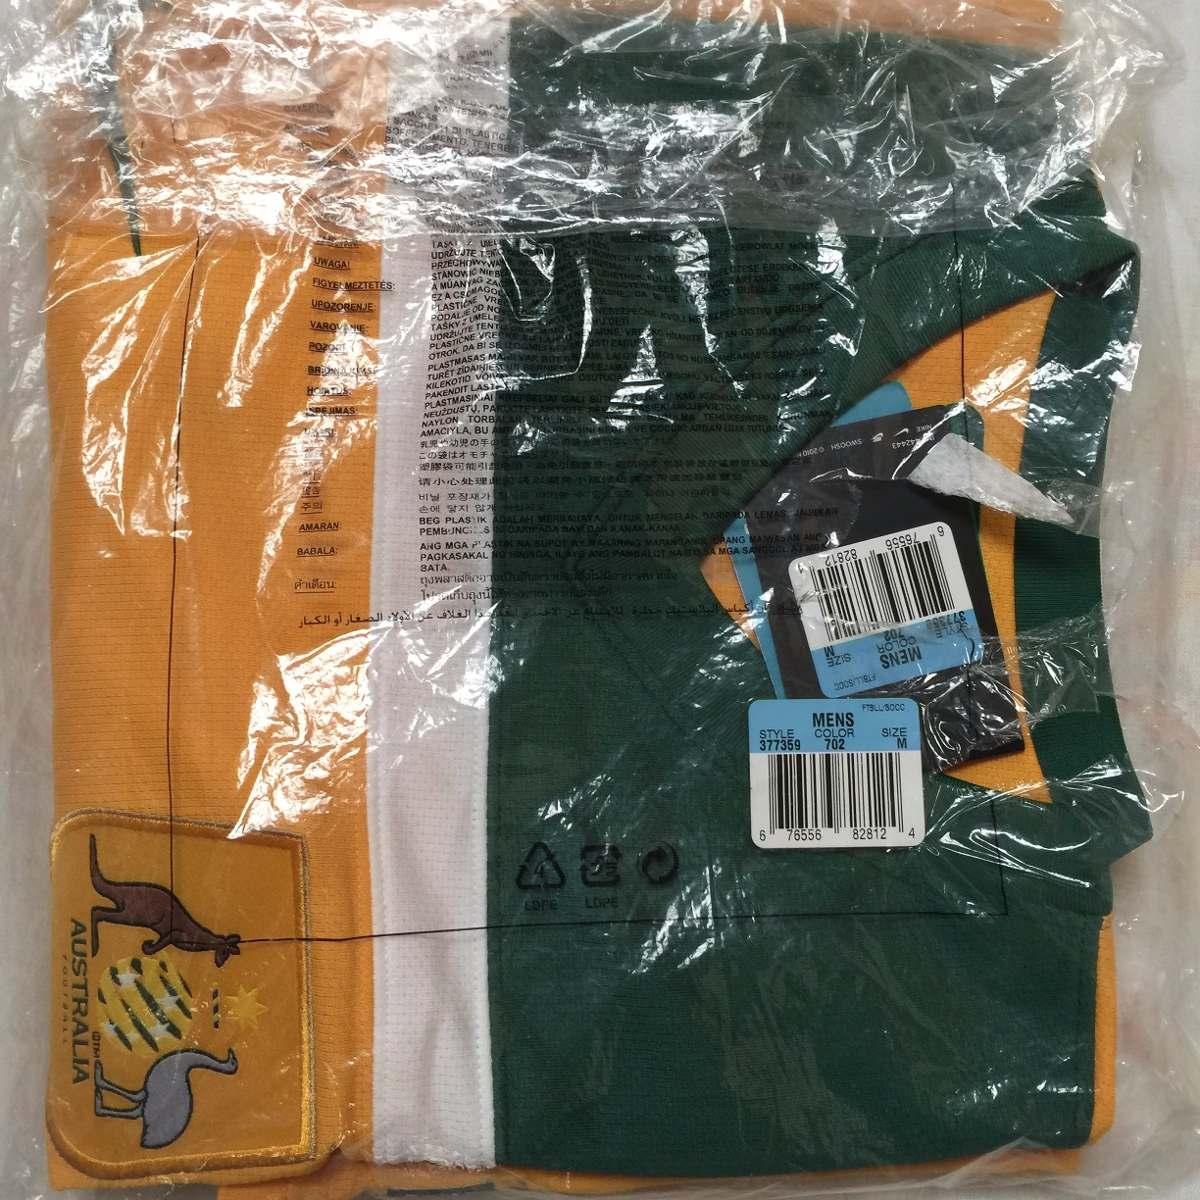 fbf2f08a37 377359-702 camisa nike austrália home 2010 m fn1608. Carregando zoom.